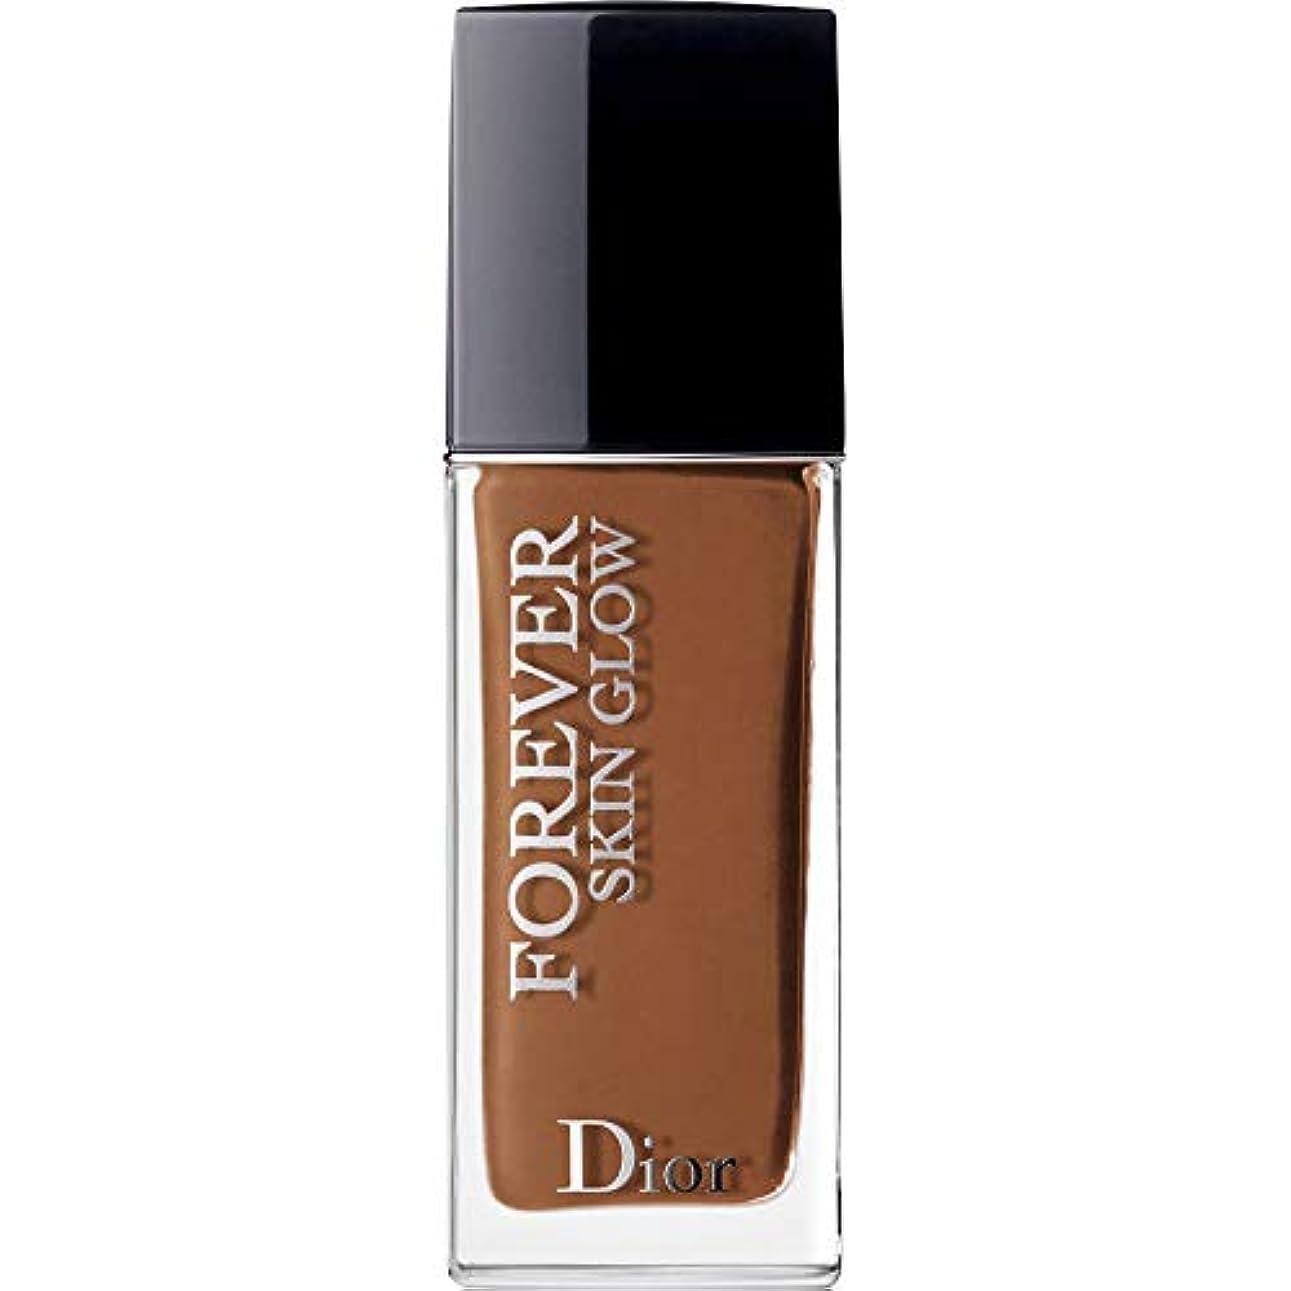 容疑者酸ゲート[Dior ] ディオール永遠に皮膚グロー皮膚思いやりの基礎Spf35 30ミリリットルの8N - ニュートラル(肌の輝き) - DIOR Forever Skin Glow Skin-Caring Foundation...